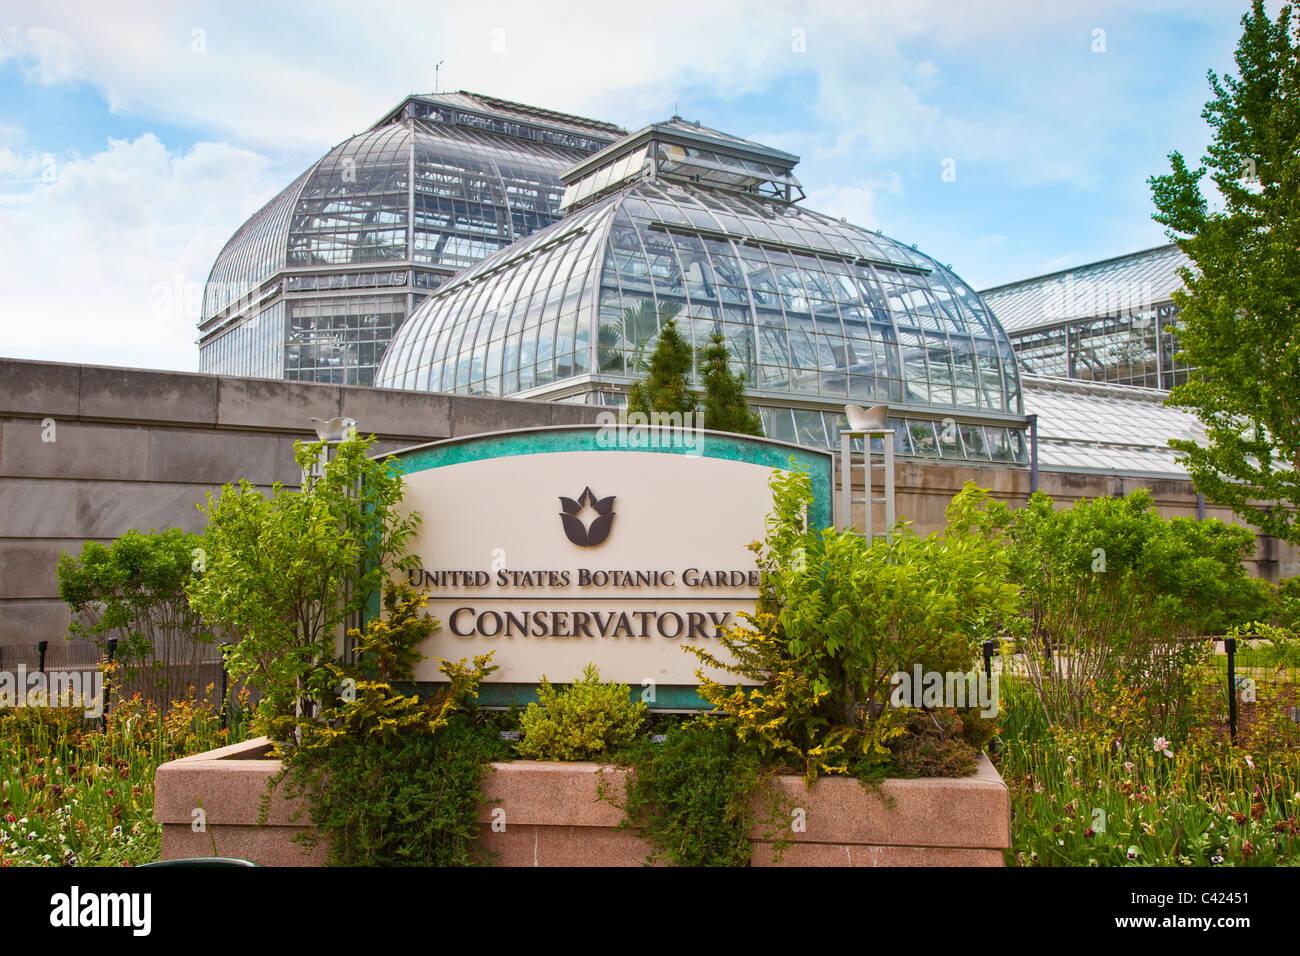 United States Botanic Garden Conservatory, Washington DC